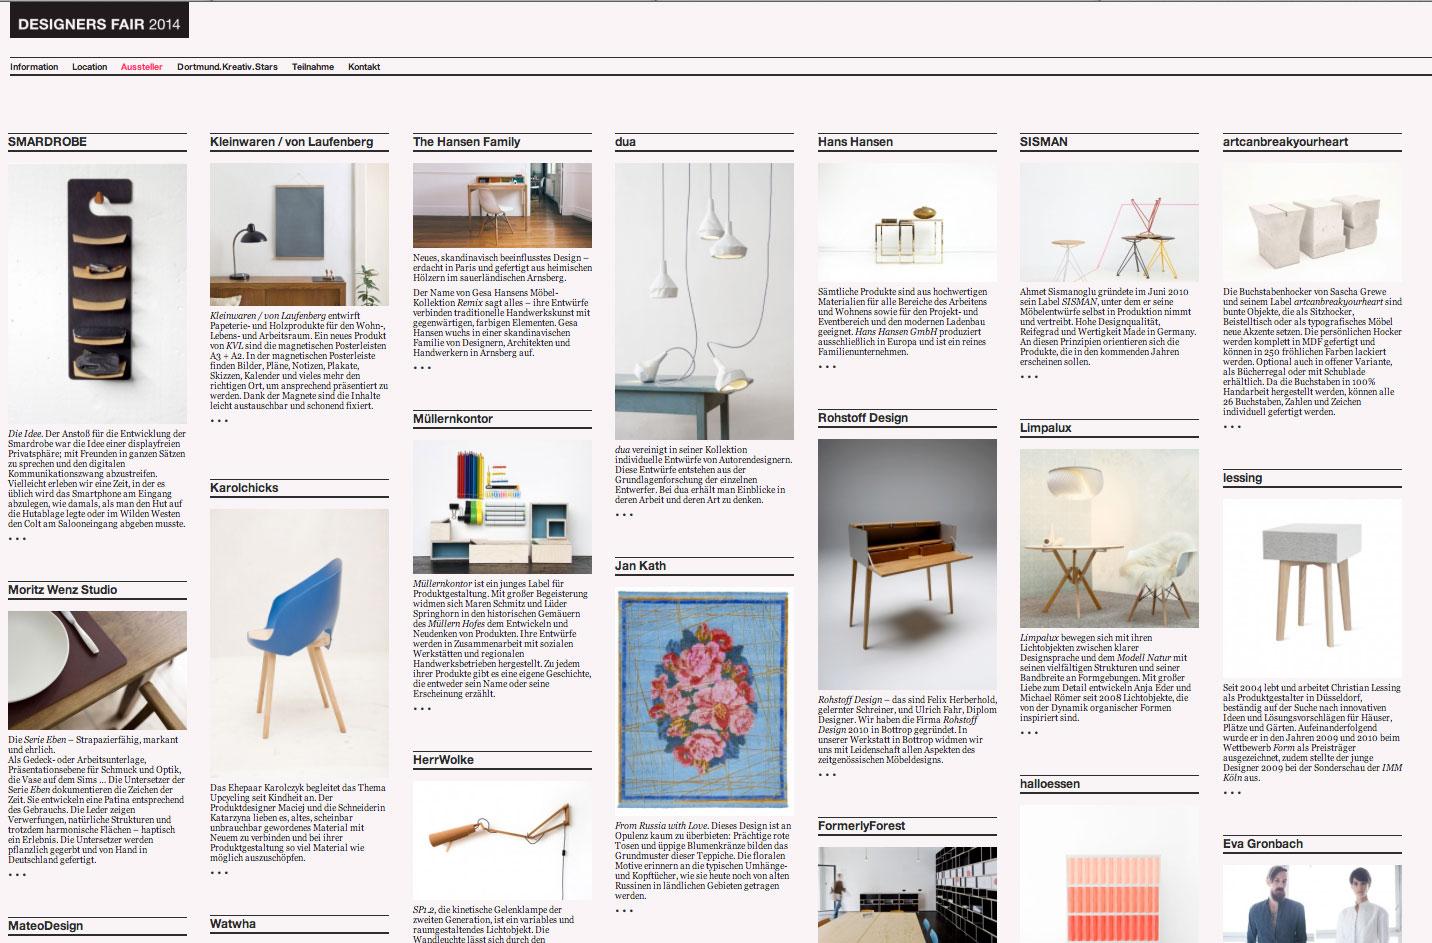 designersfair14